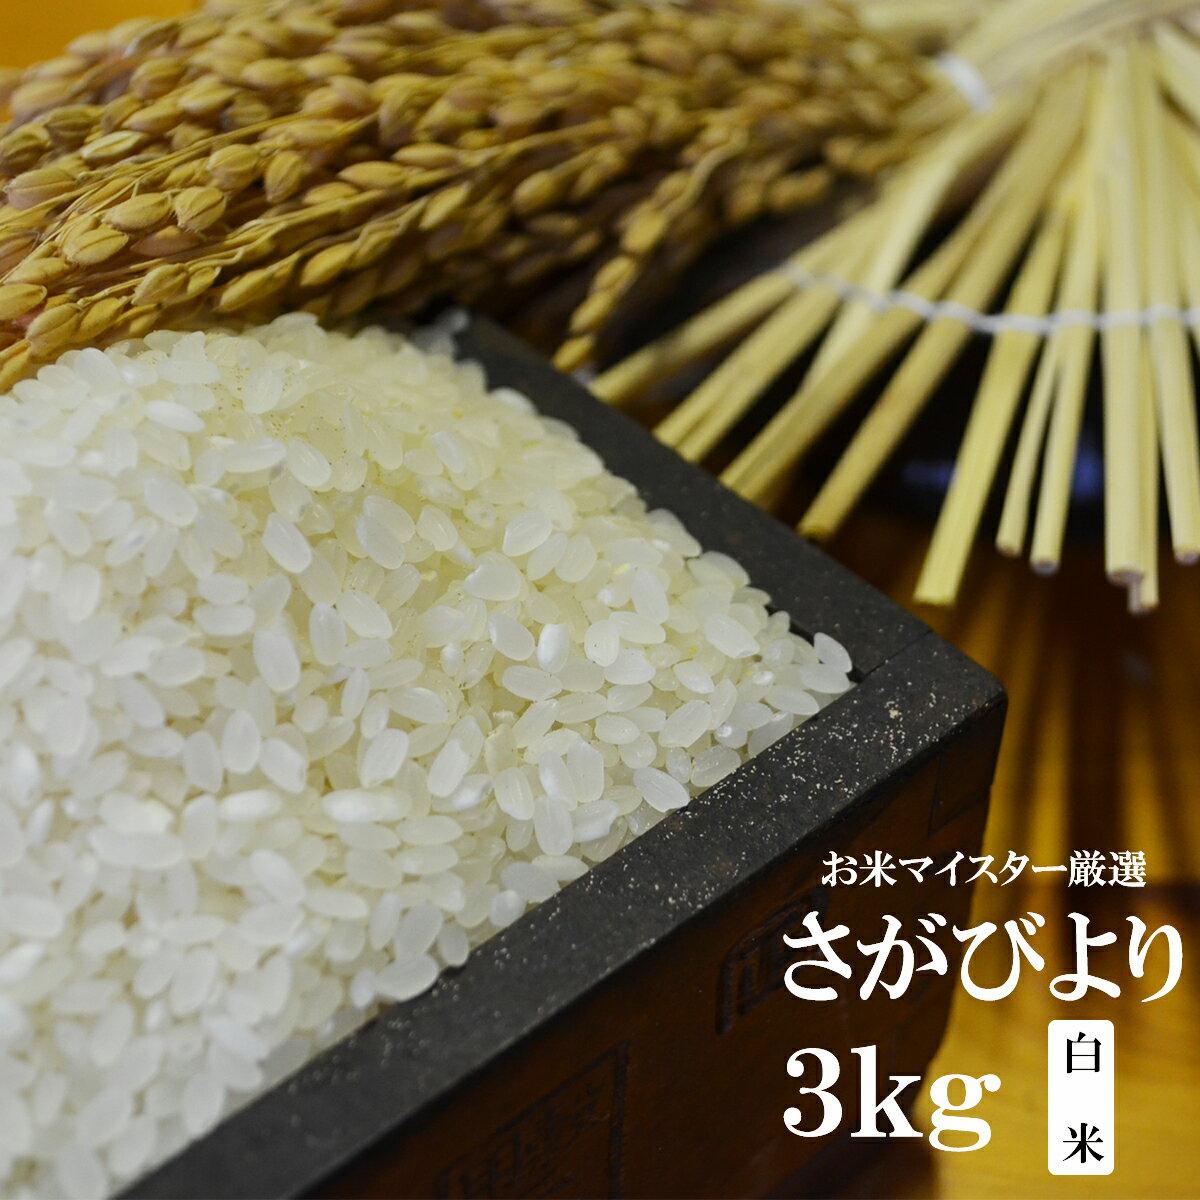 【ふるさと納税】A-20 【30年産新米】【特A】佐賀県産厳選さがびより 白米3kg